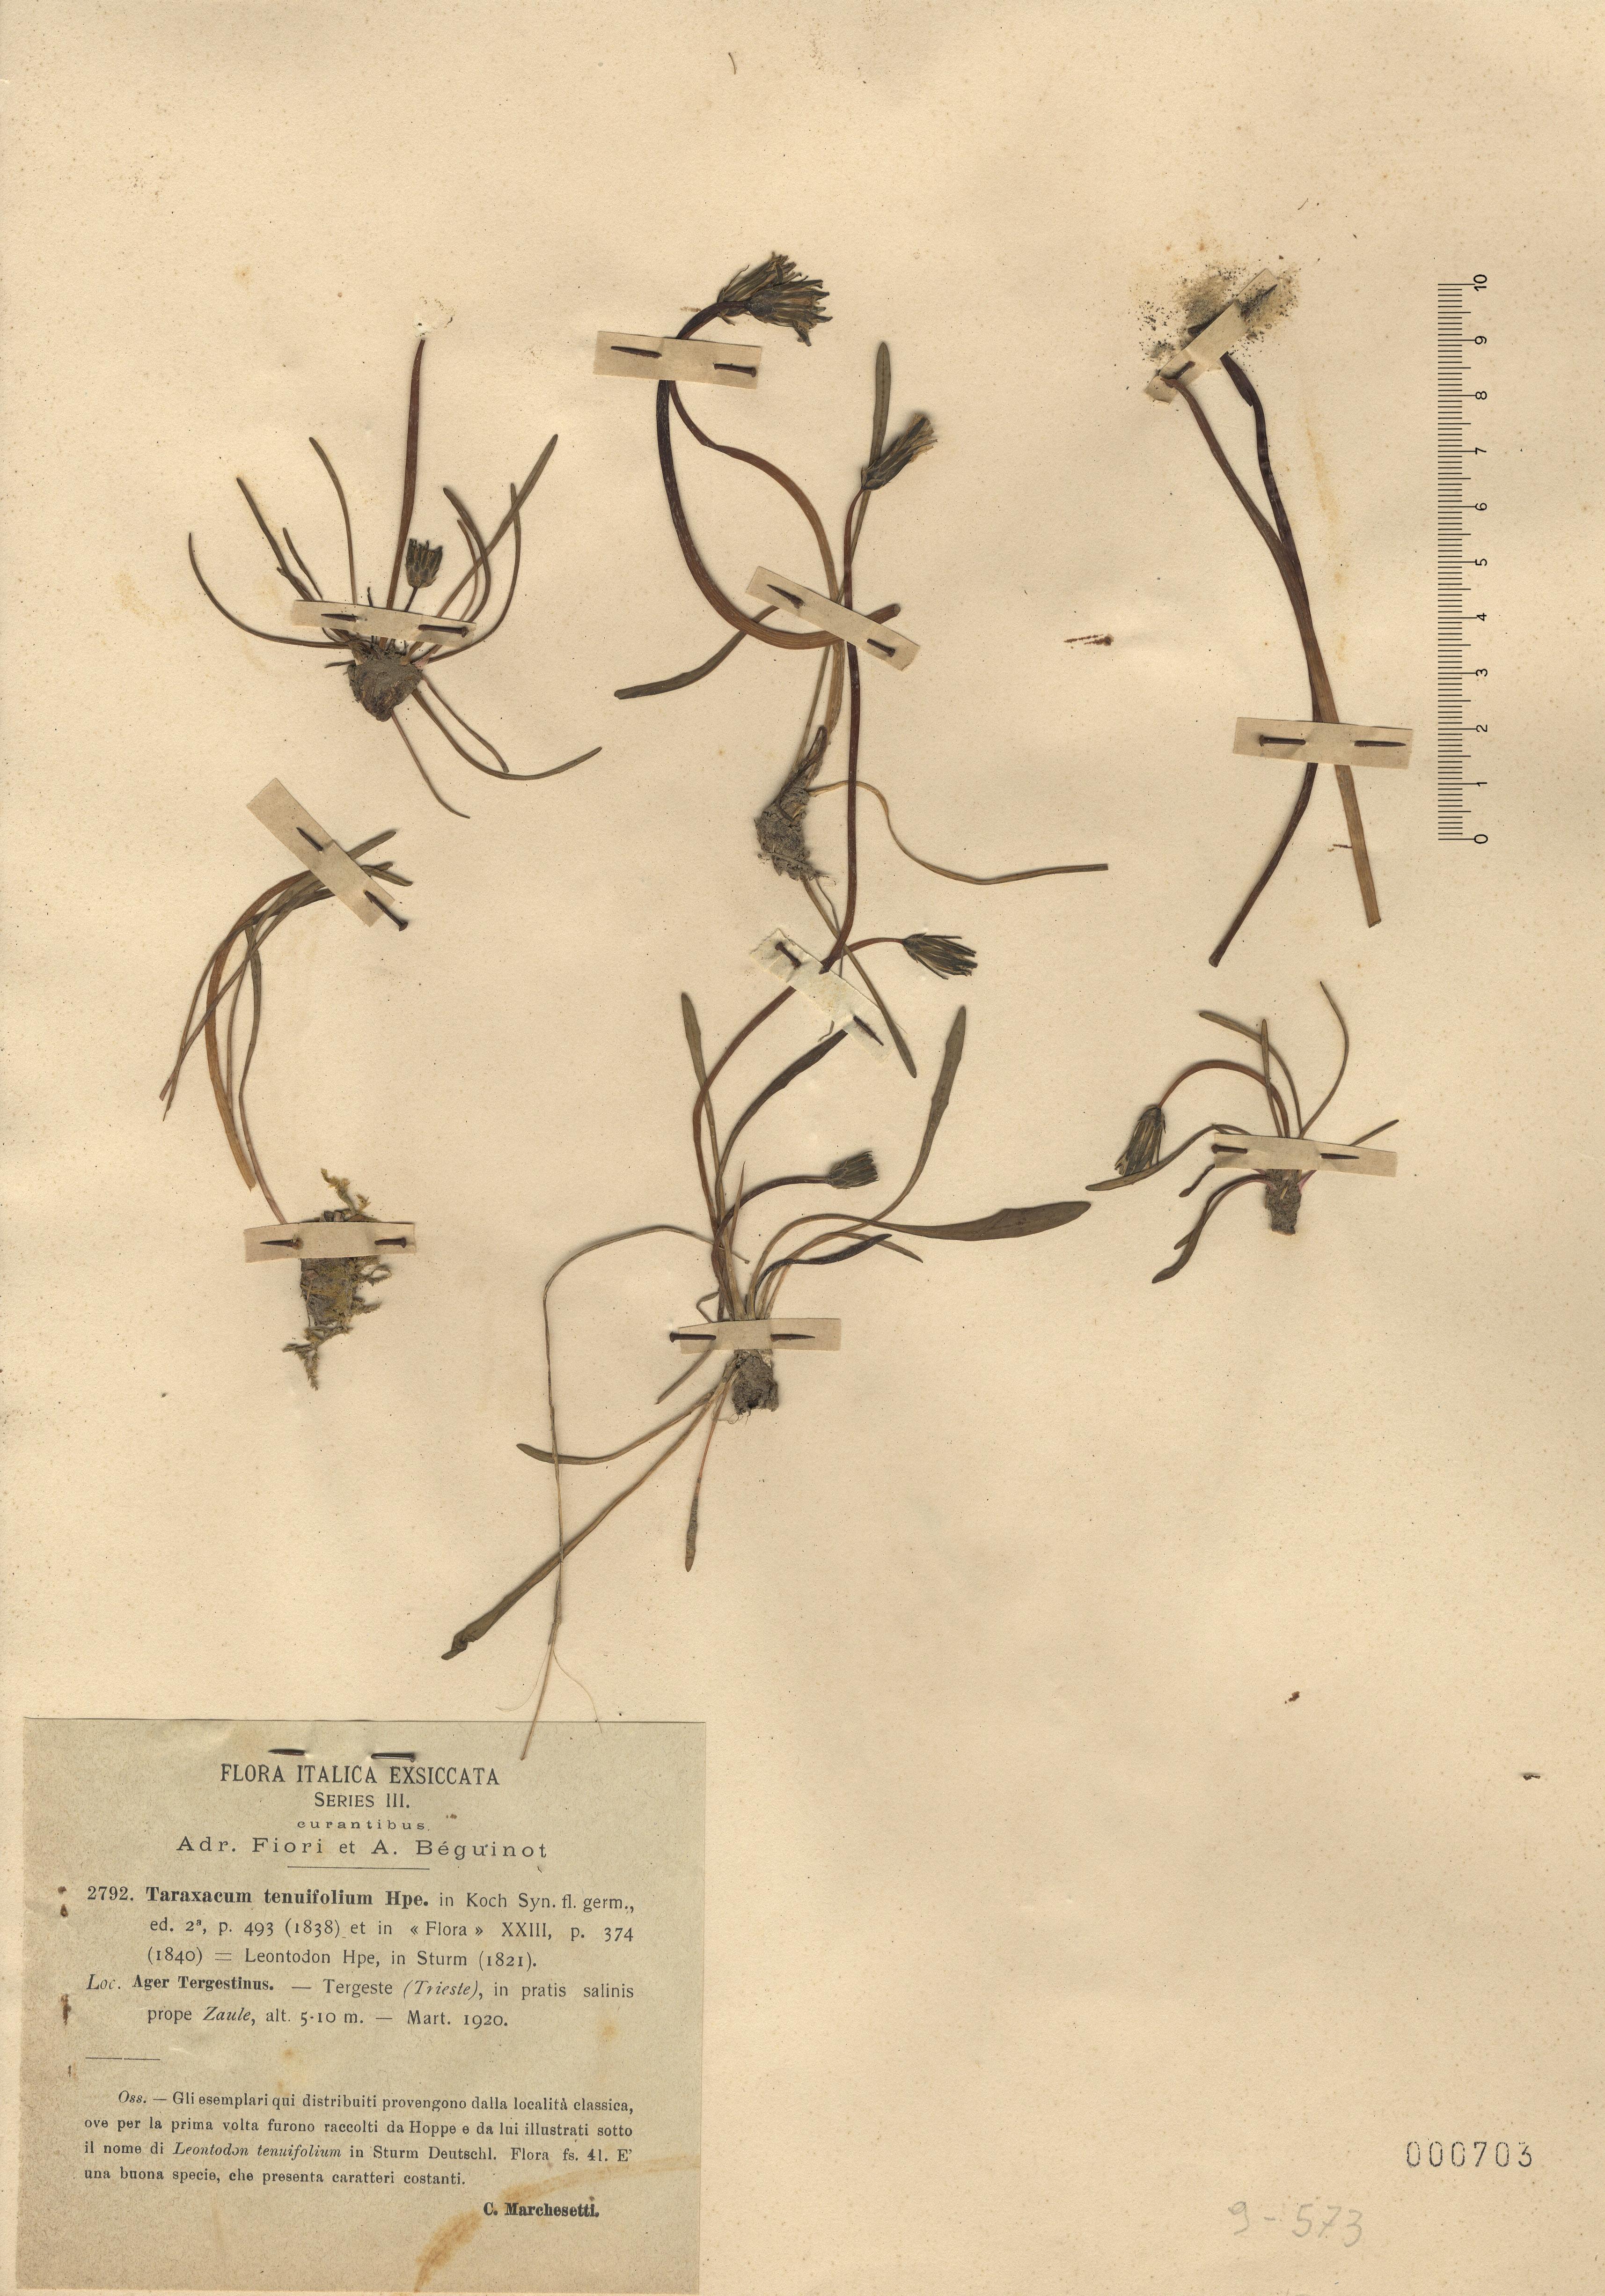 © Hortus Botanicus Catinensis - Herb. sheet 000703<br>